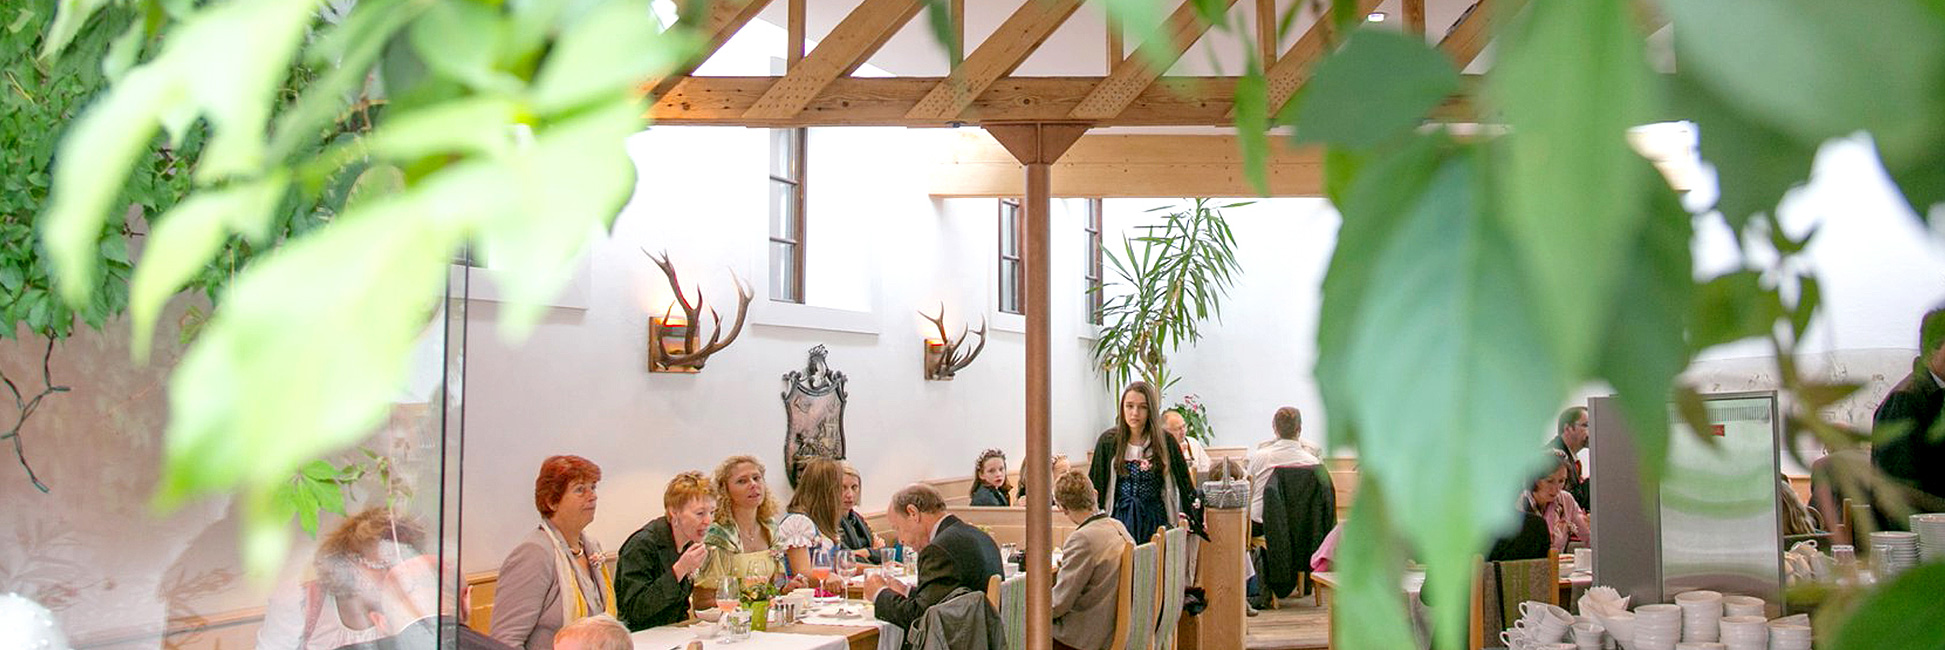 Event Hotel Gasthof zur Post